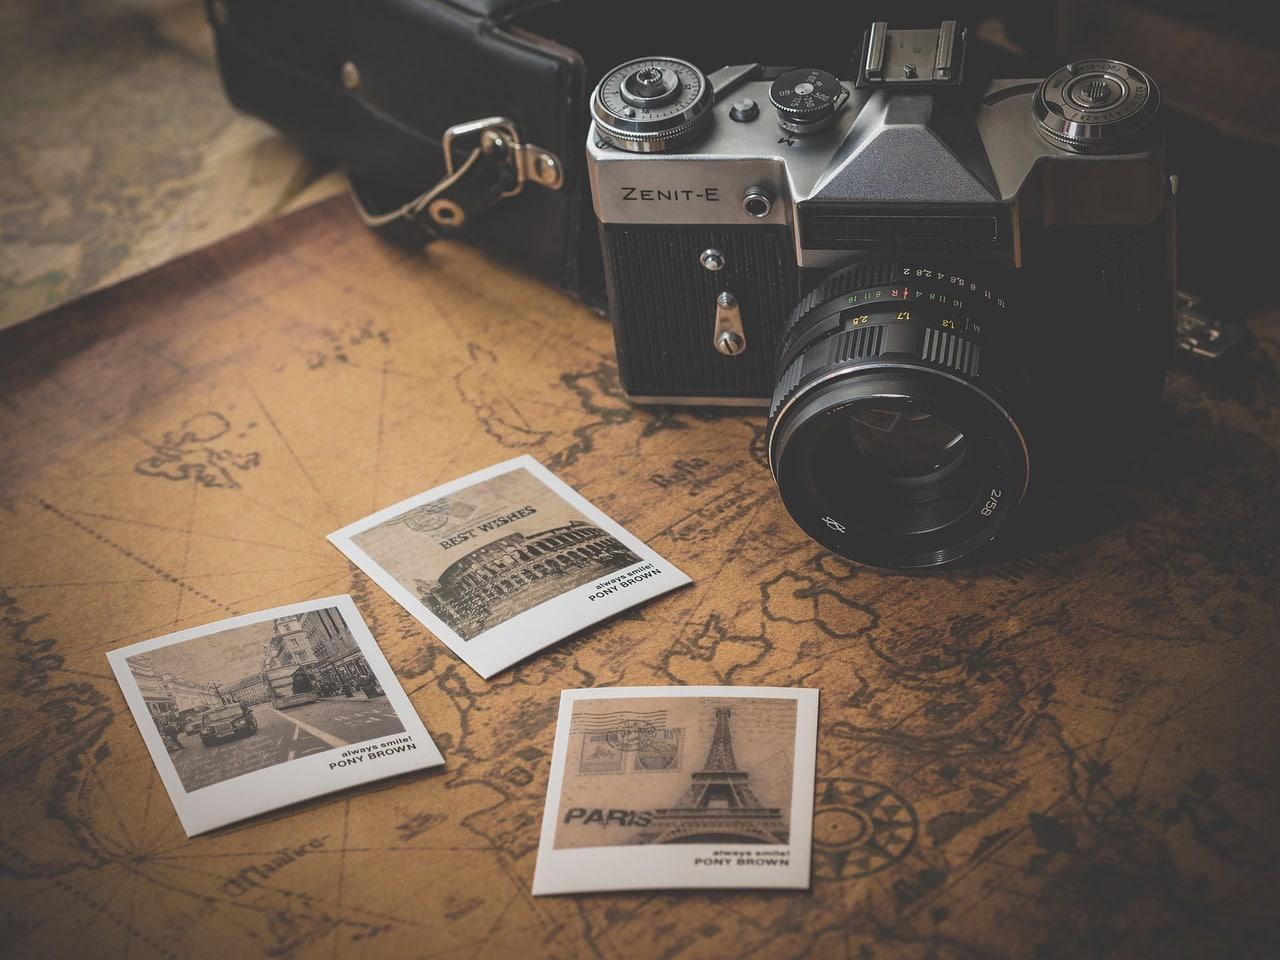 bloger et voyager changer de vie - Comment créer un blog rentable : formation pas à pas par Olivier